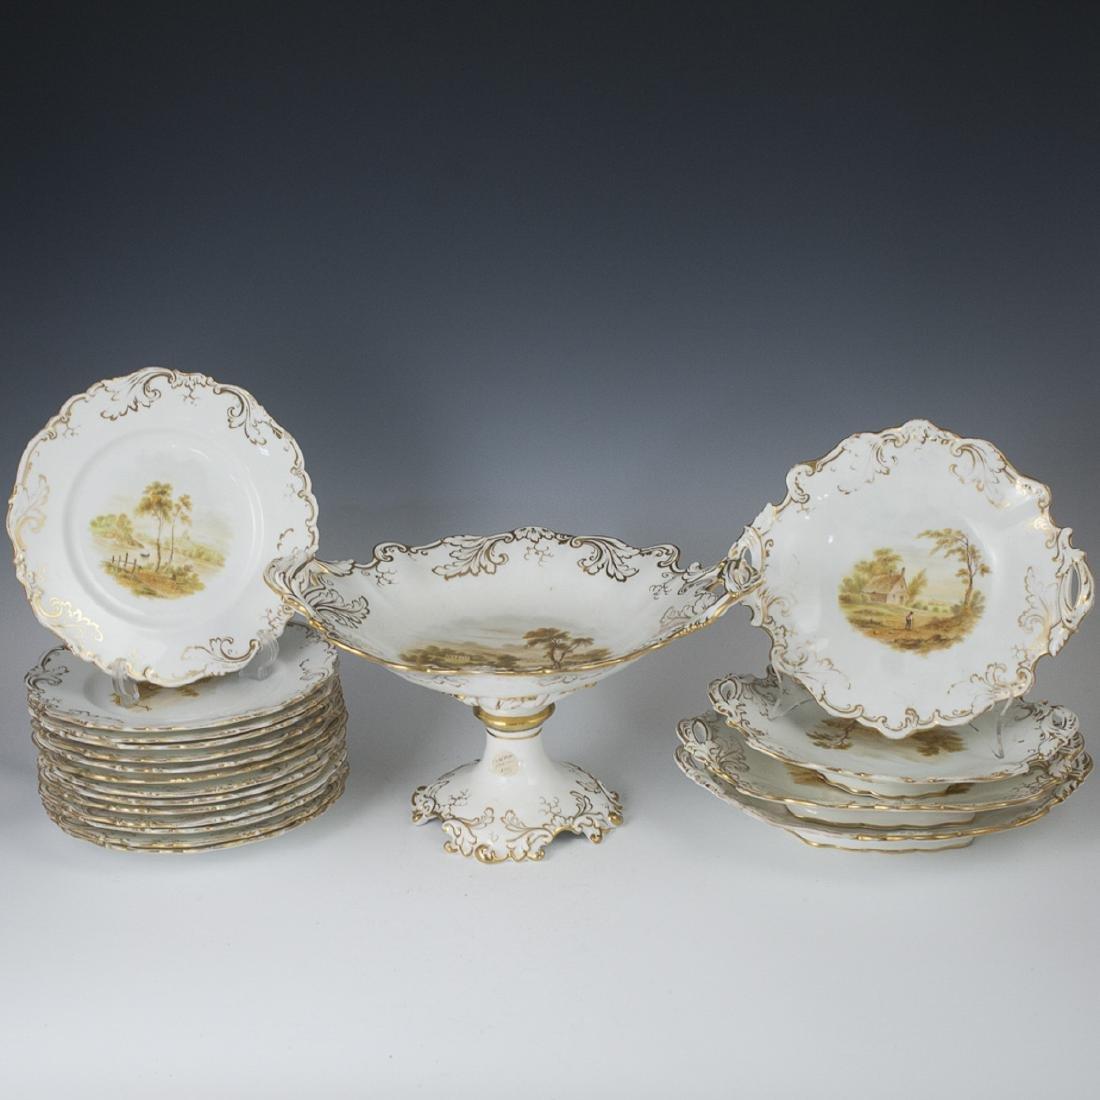 Antique English Porcelain Set